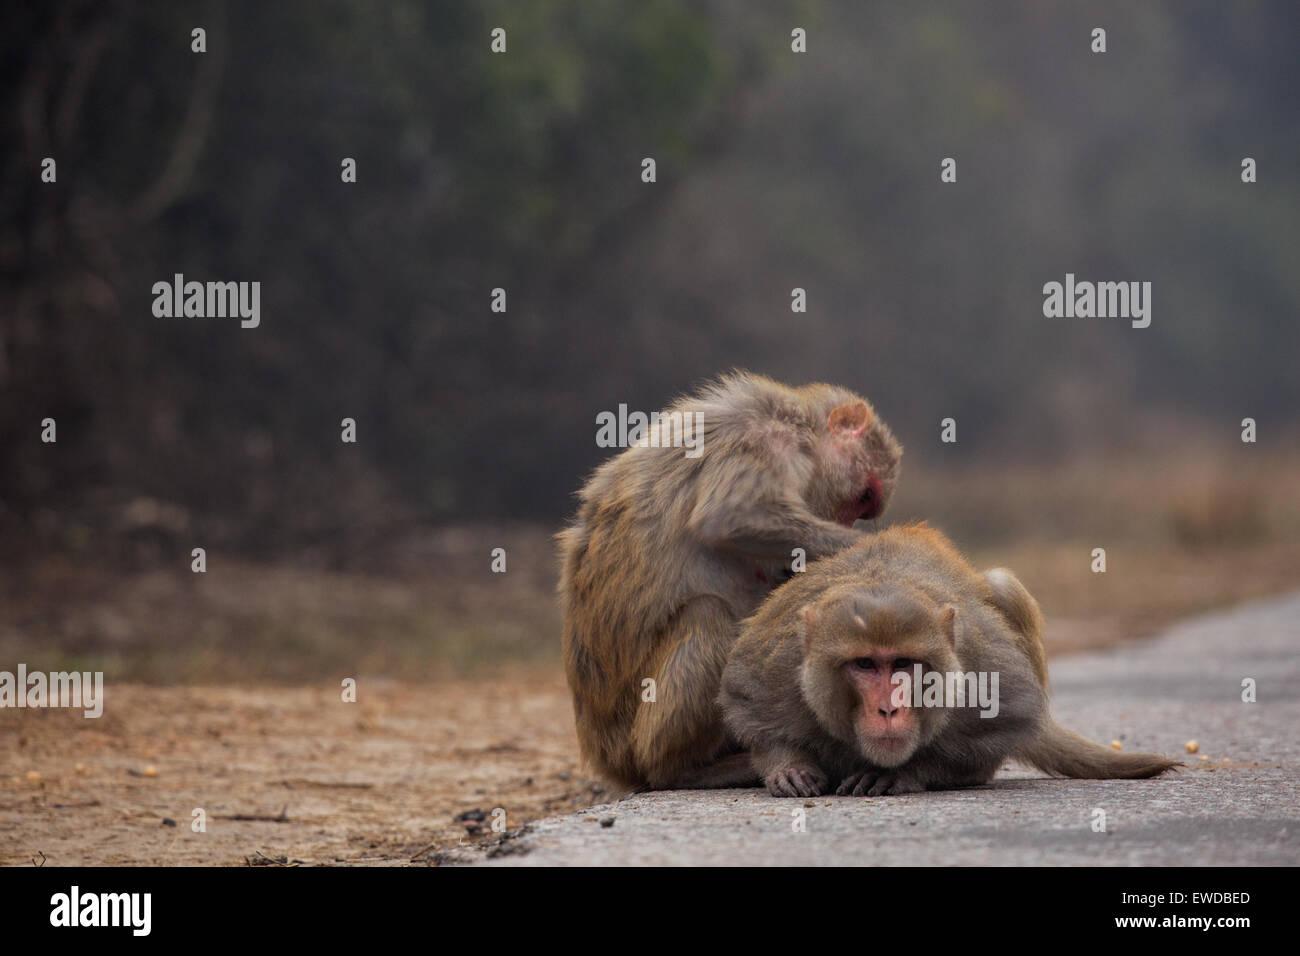 Two monkeys - Stock Image